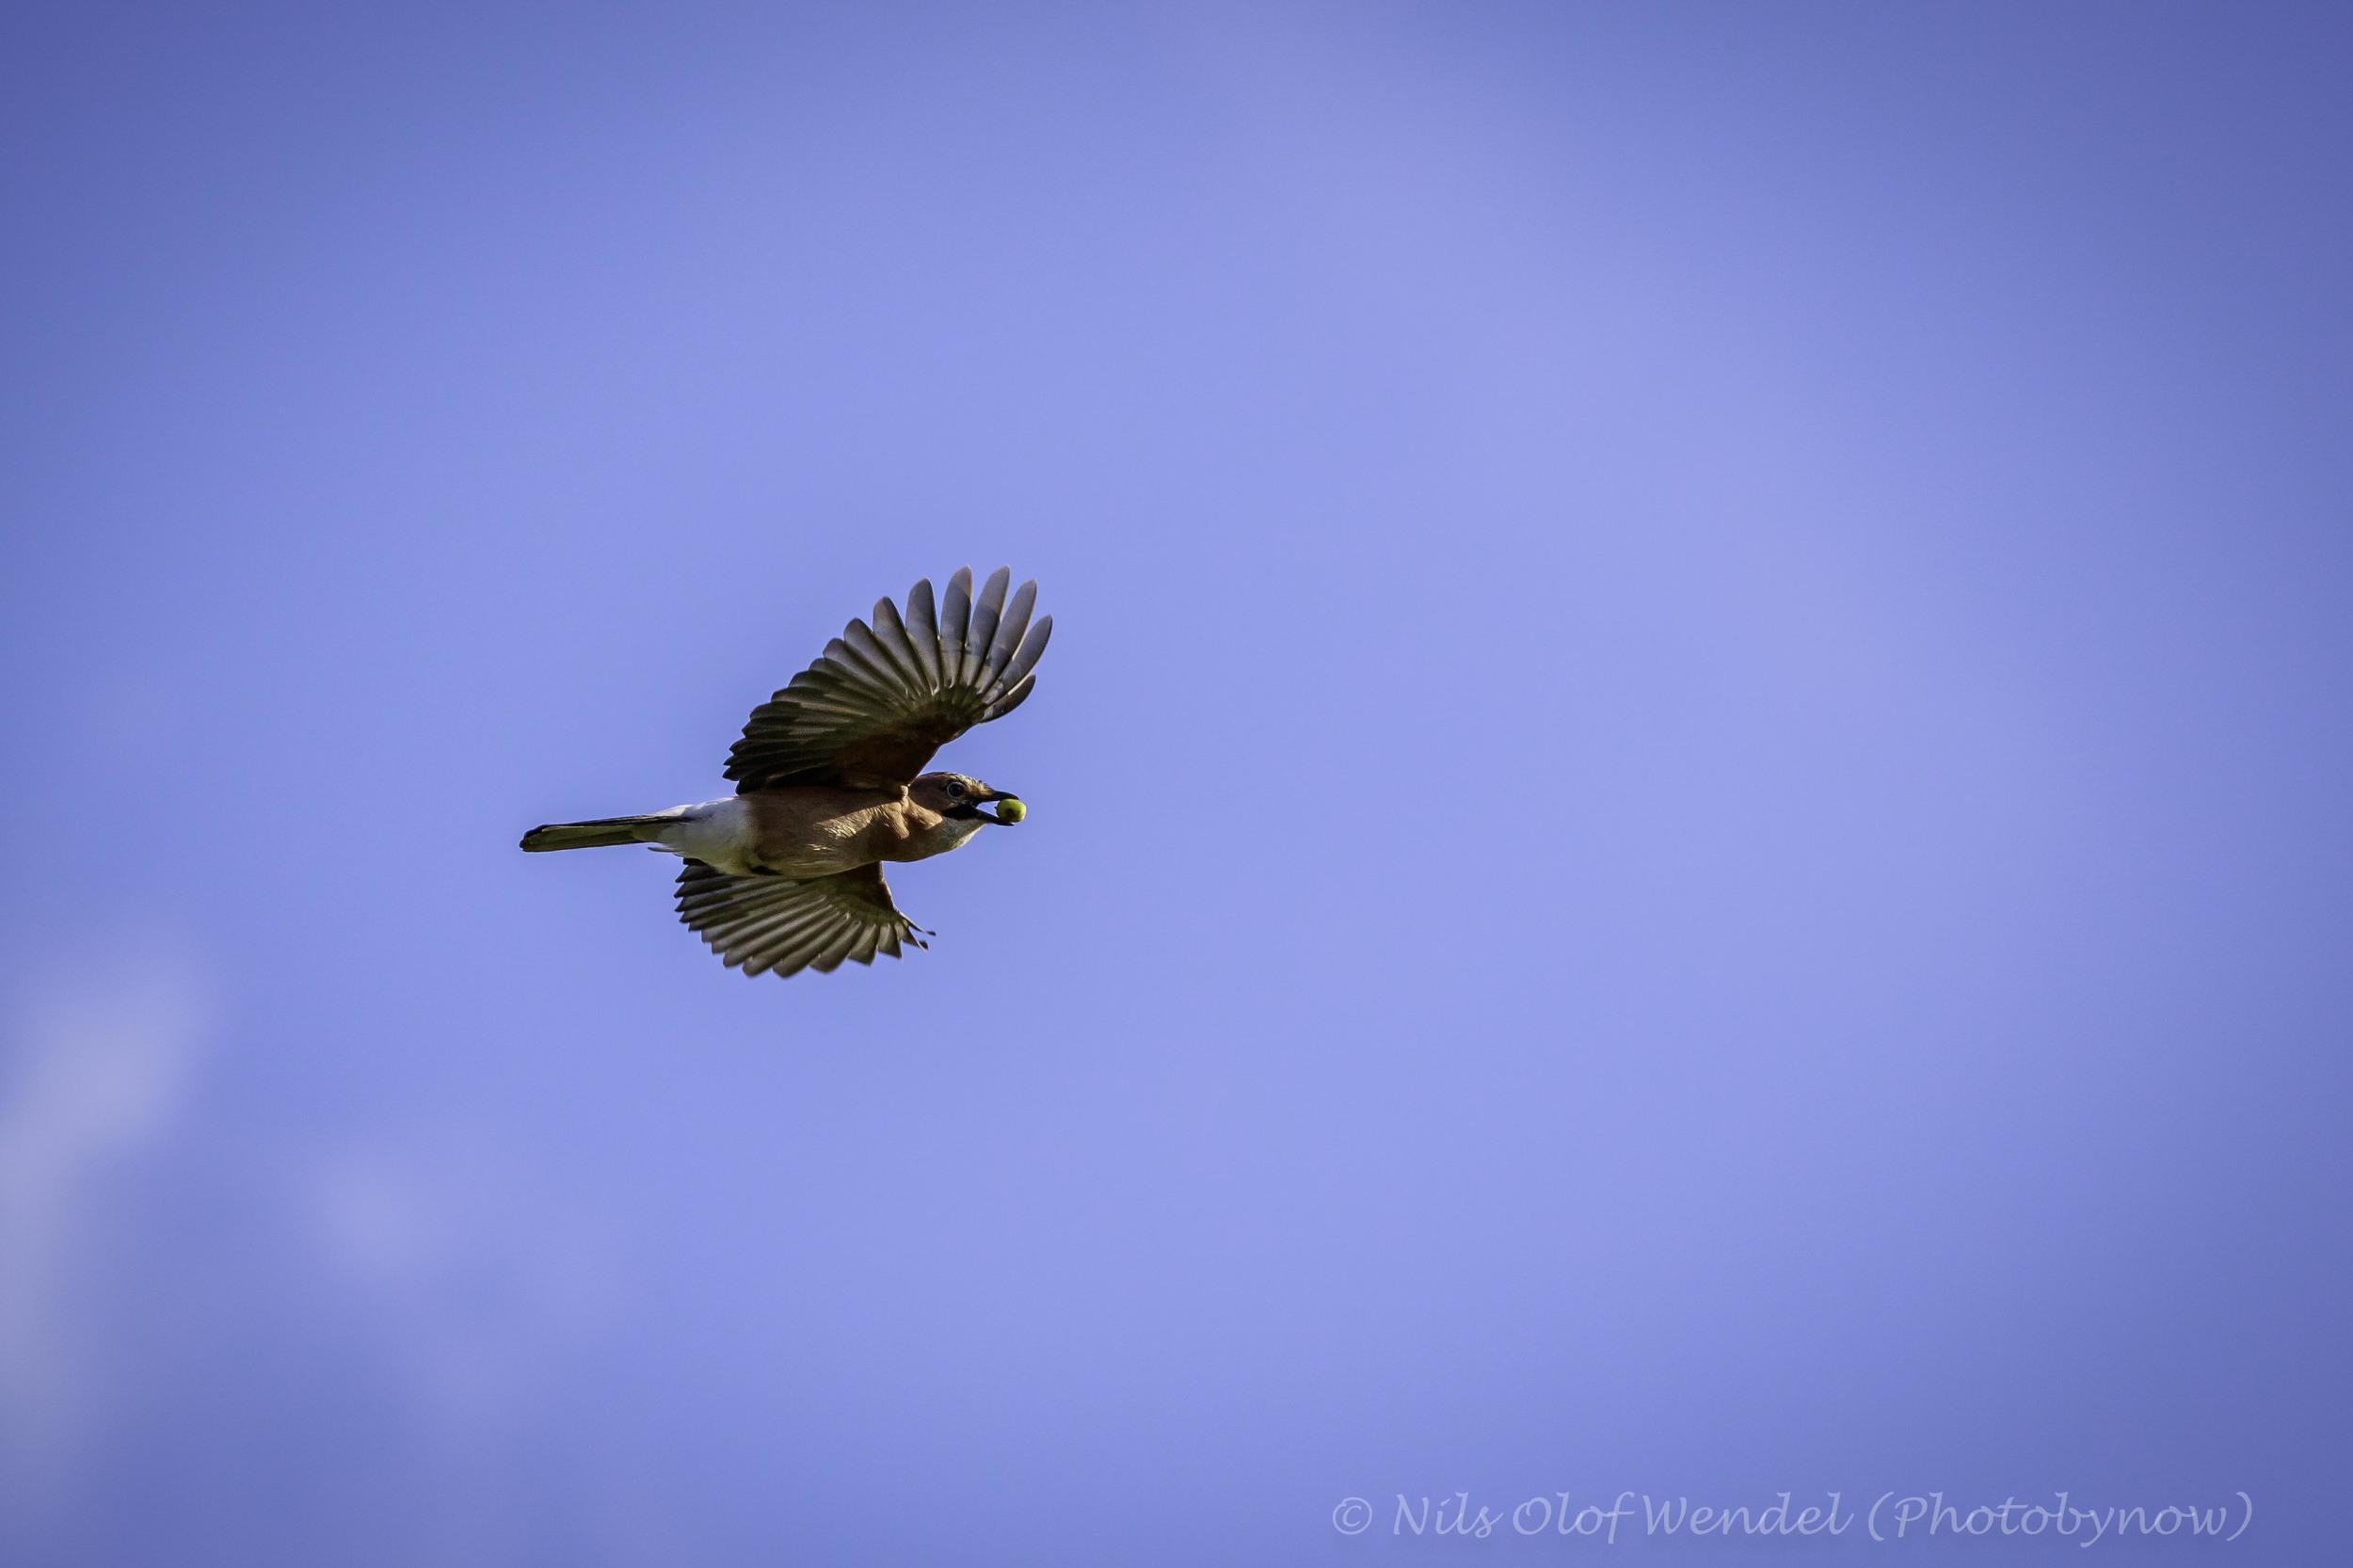 A Eurasian Jay carrying a nut.